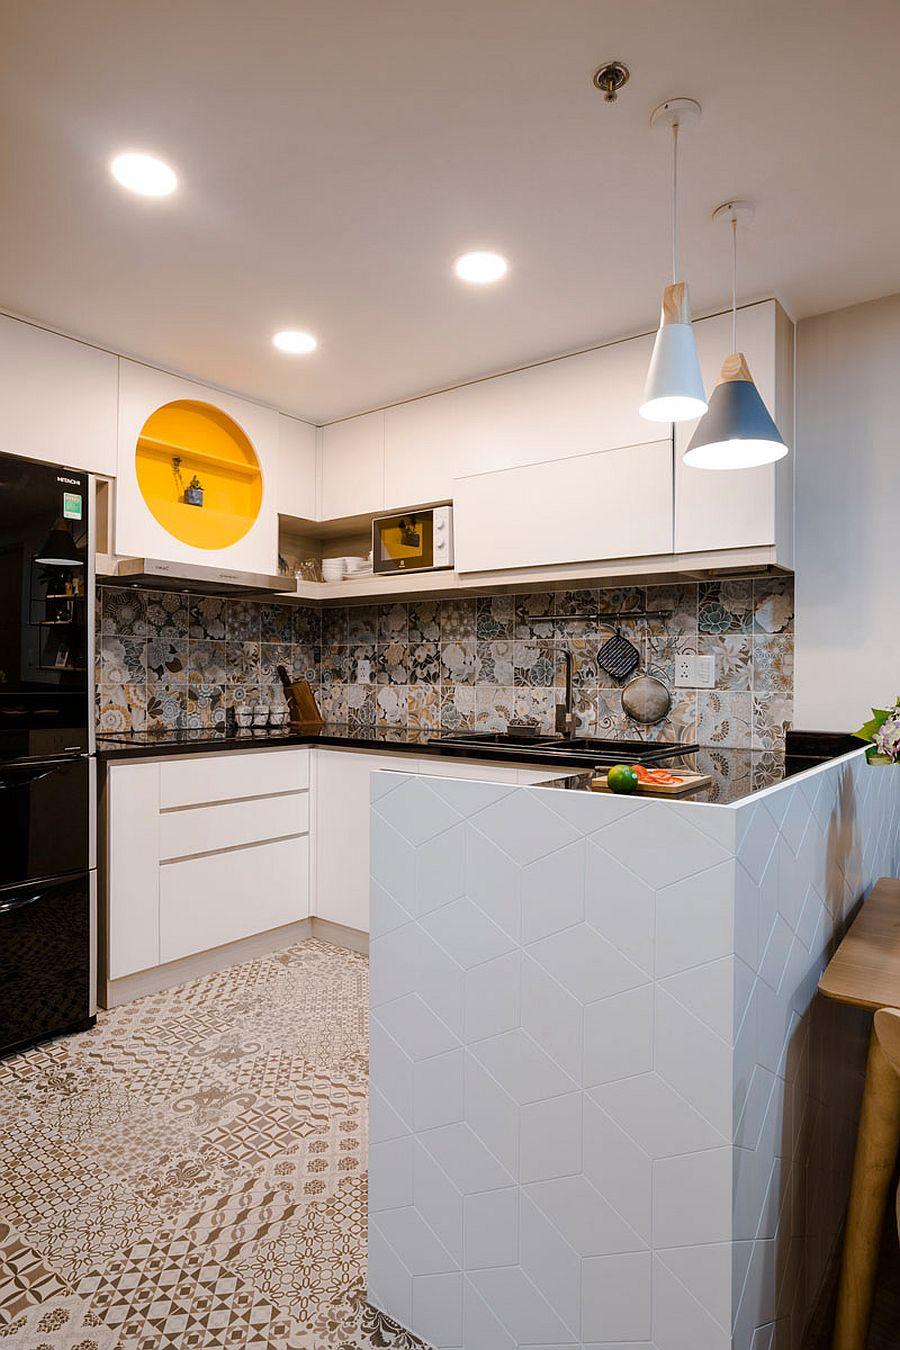 Muôn kiểu chiếu sáng độc đáo và hiệu quả dành cho những căn bếp nhỏ - Ảnh 3.